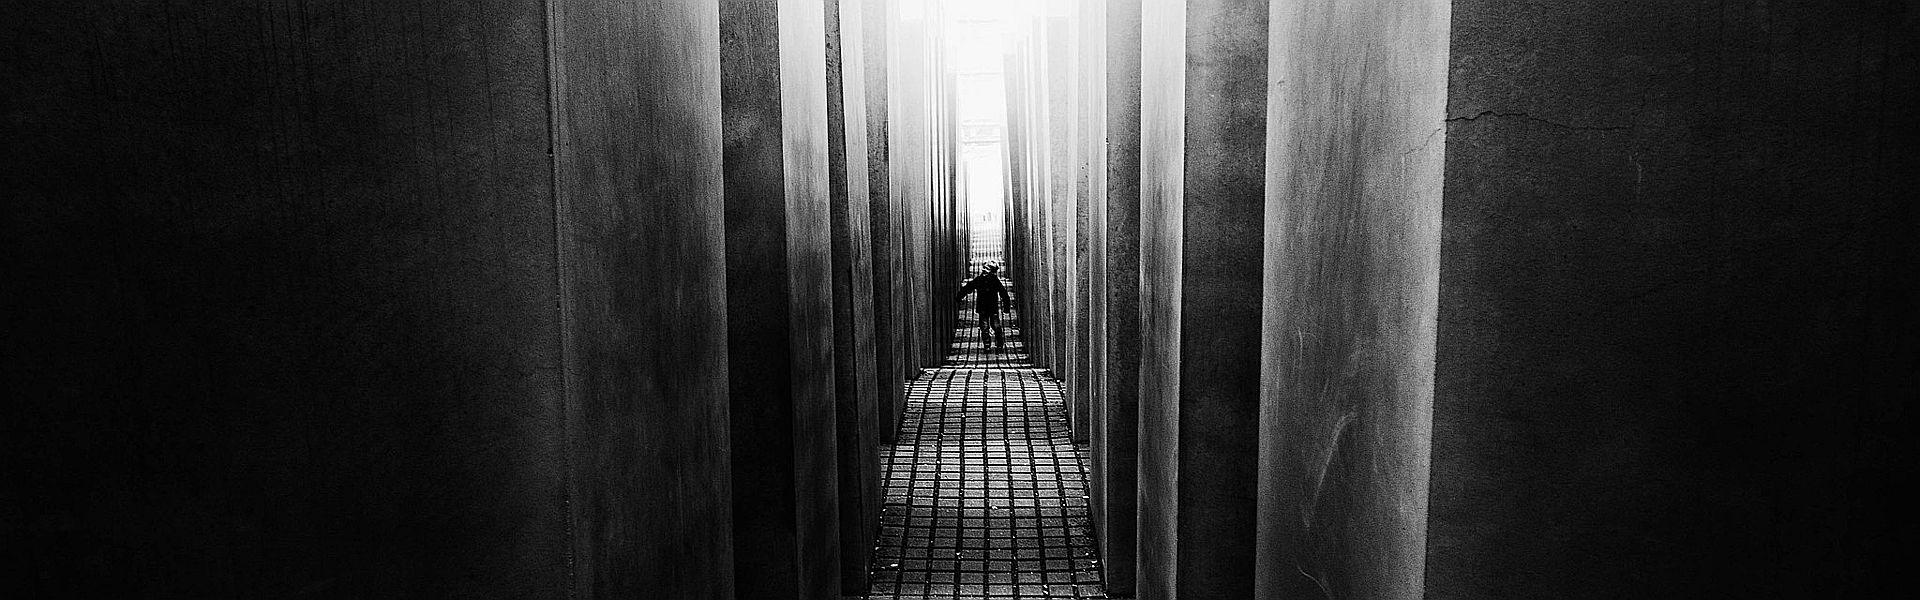 Kloppen met Teus van Paul Schrijft, foto Georgie Pauwels op Flickr